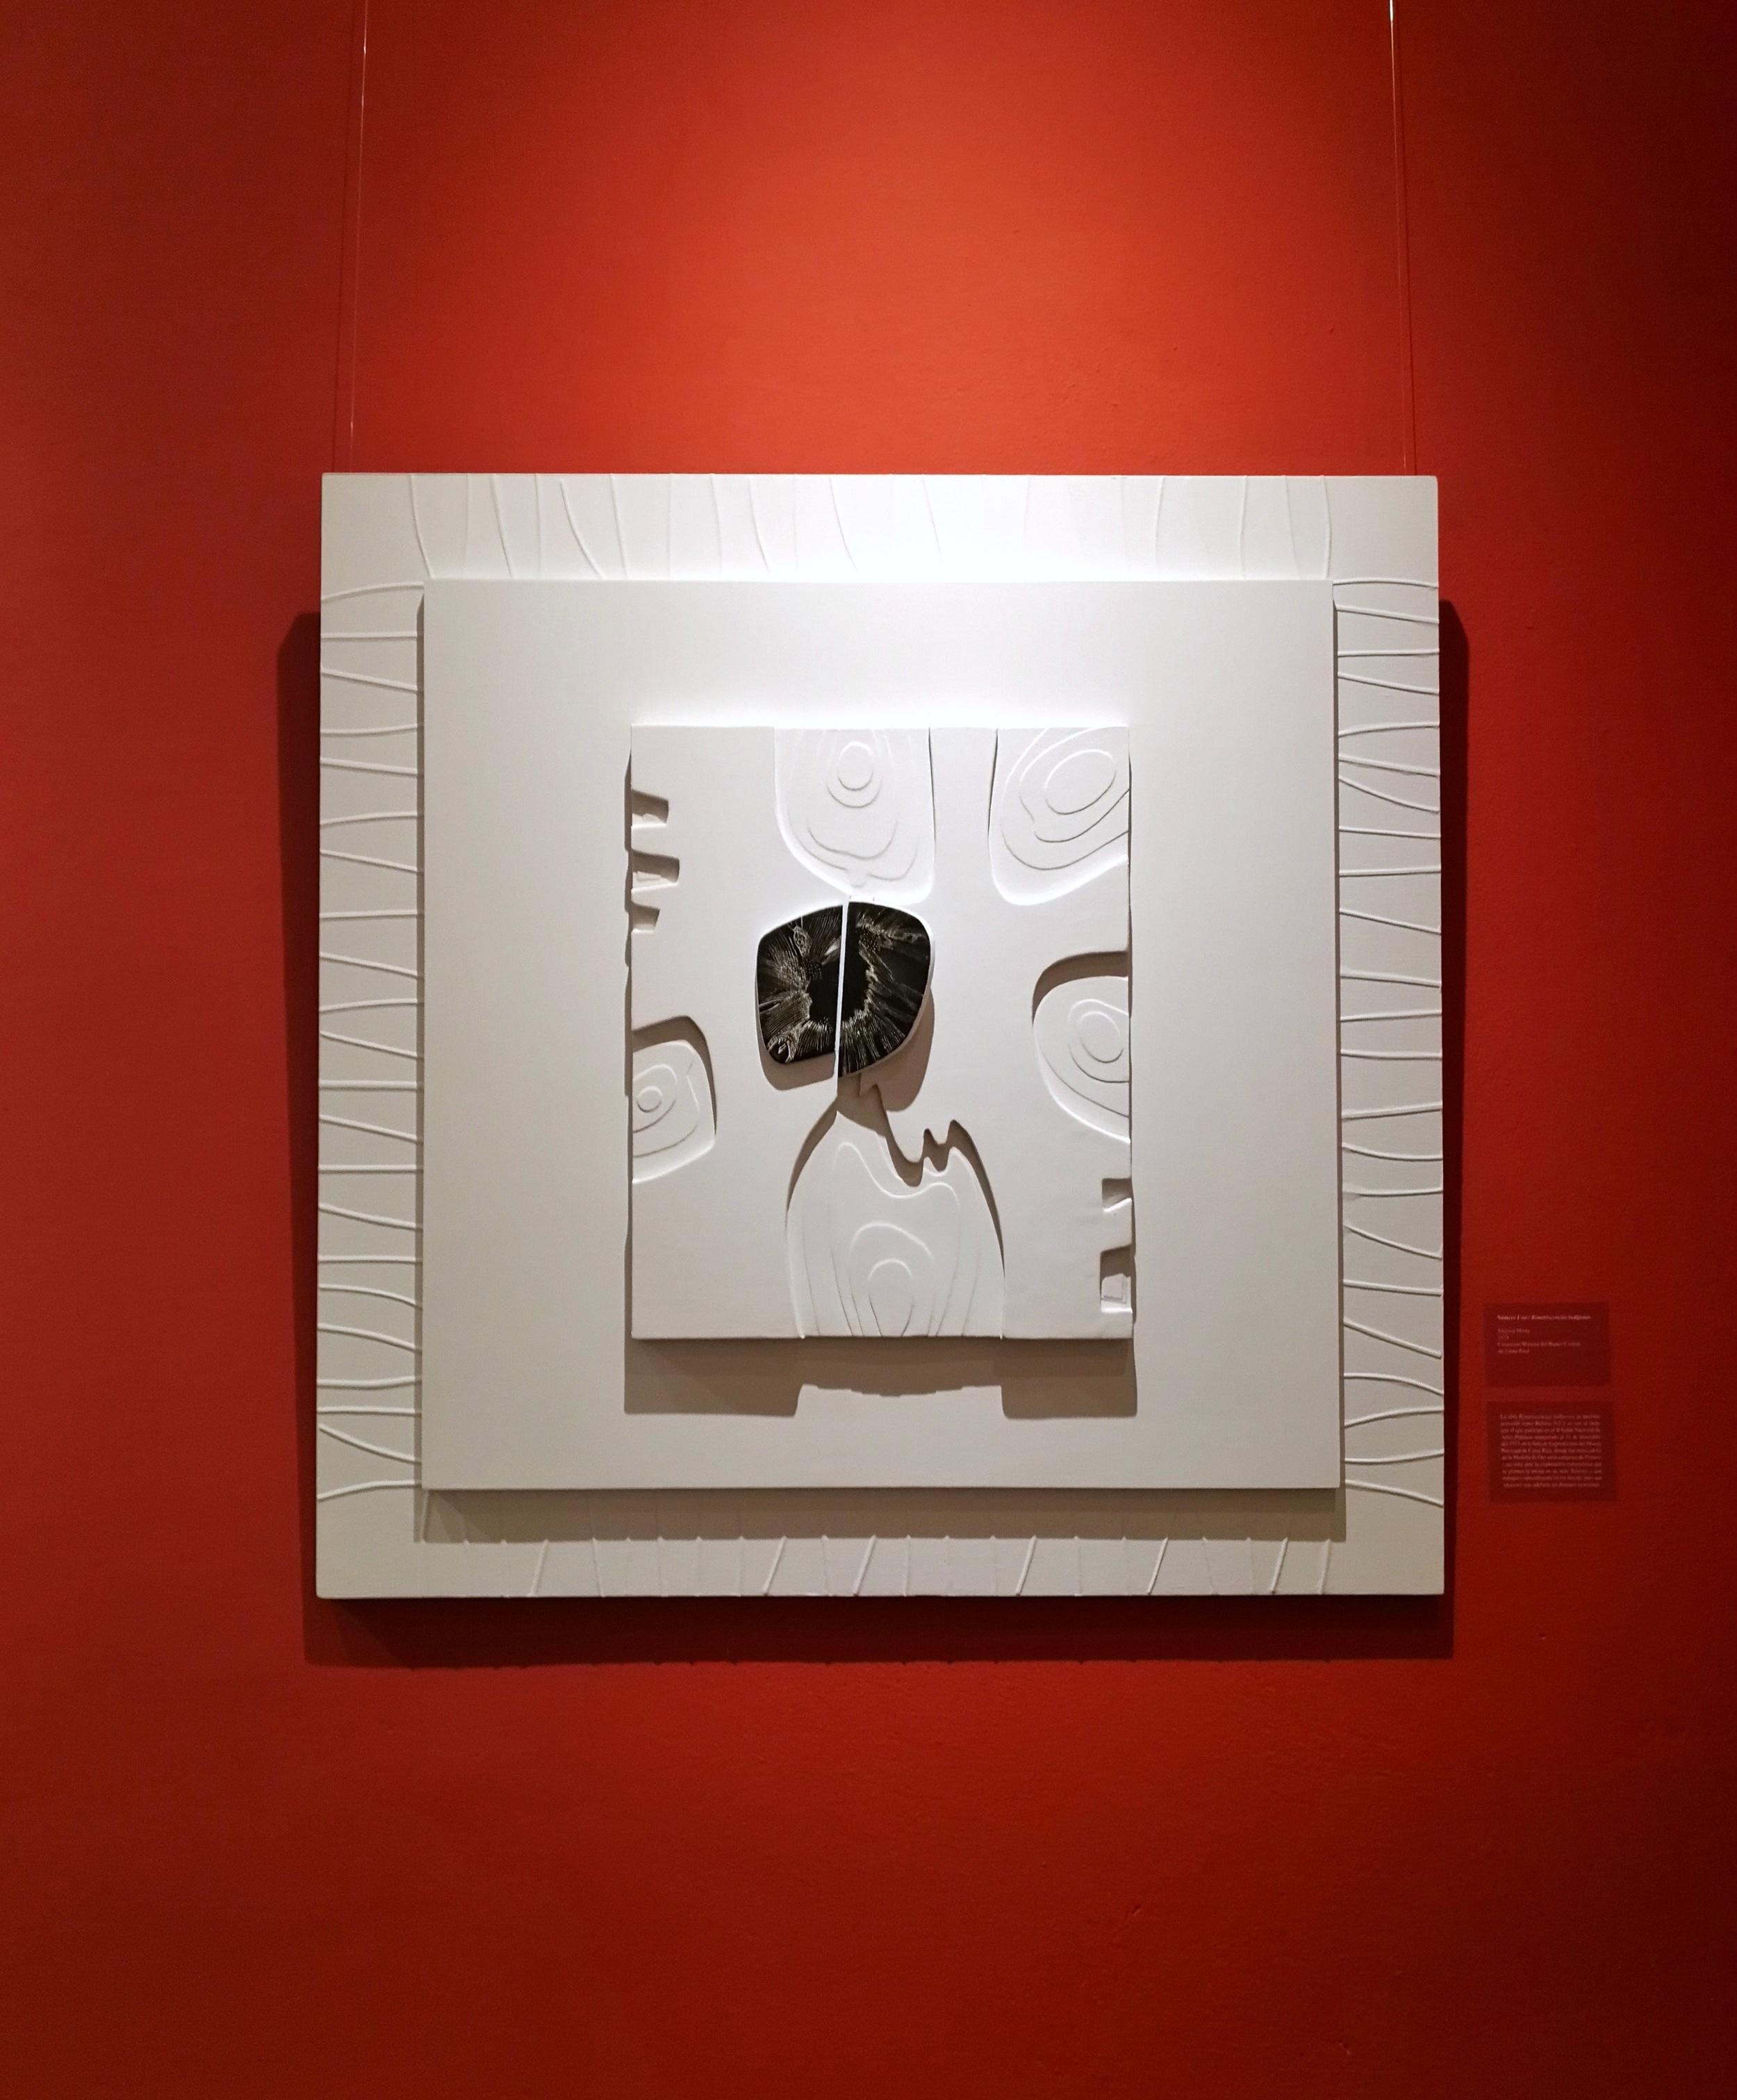 obra de lola fernández, imagen tomada durante la exposición de lola fernández en el MAC, 2018